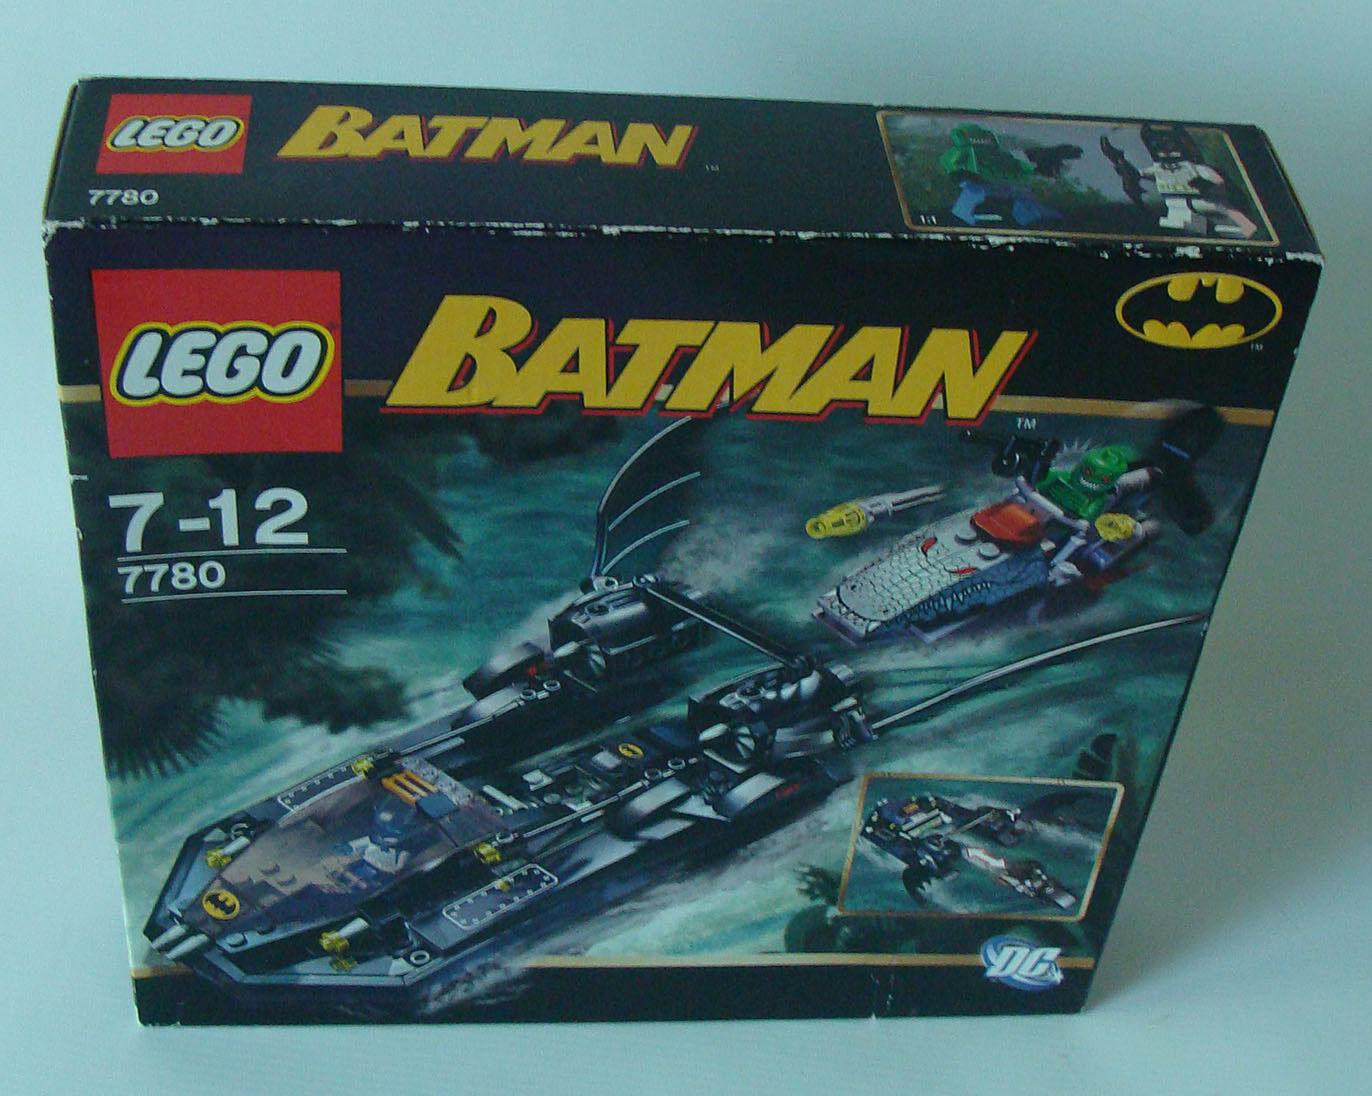 LEGO ® 7780 Batman batboat-Caccia della killer CROCO 7-12 anni 188 PEZZI-NUOVO